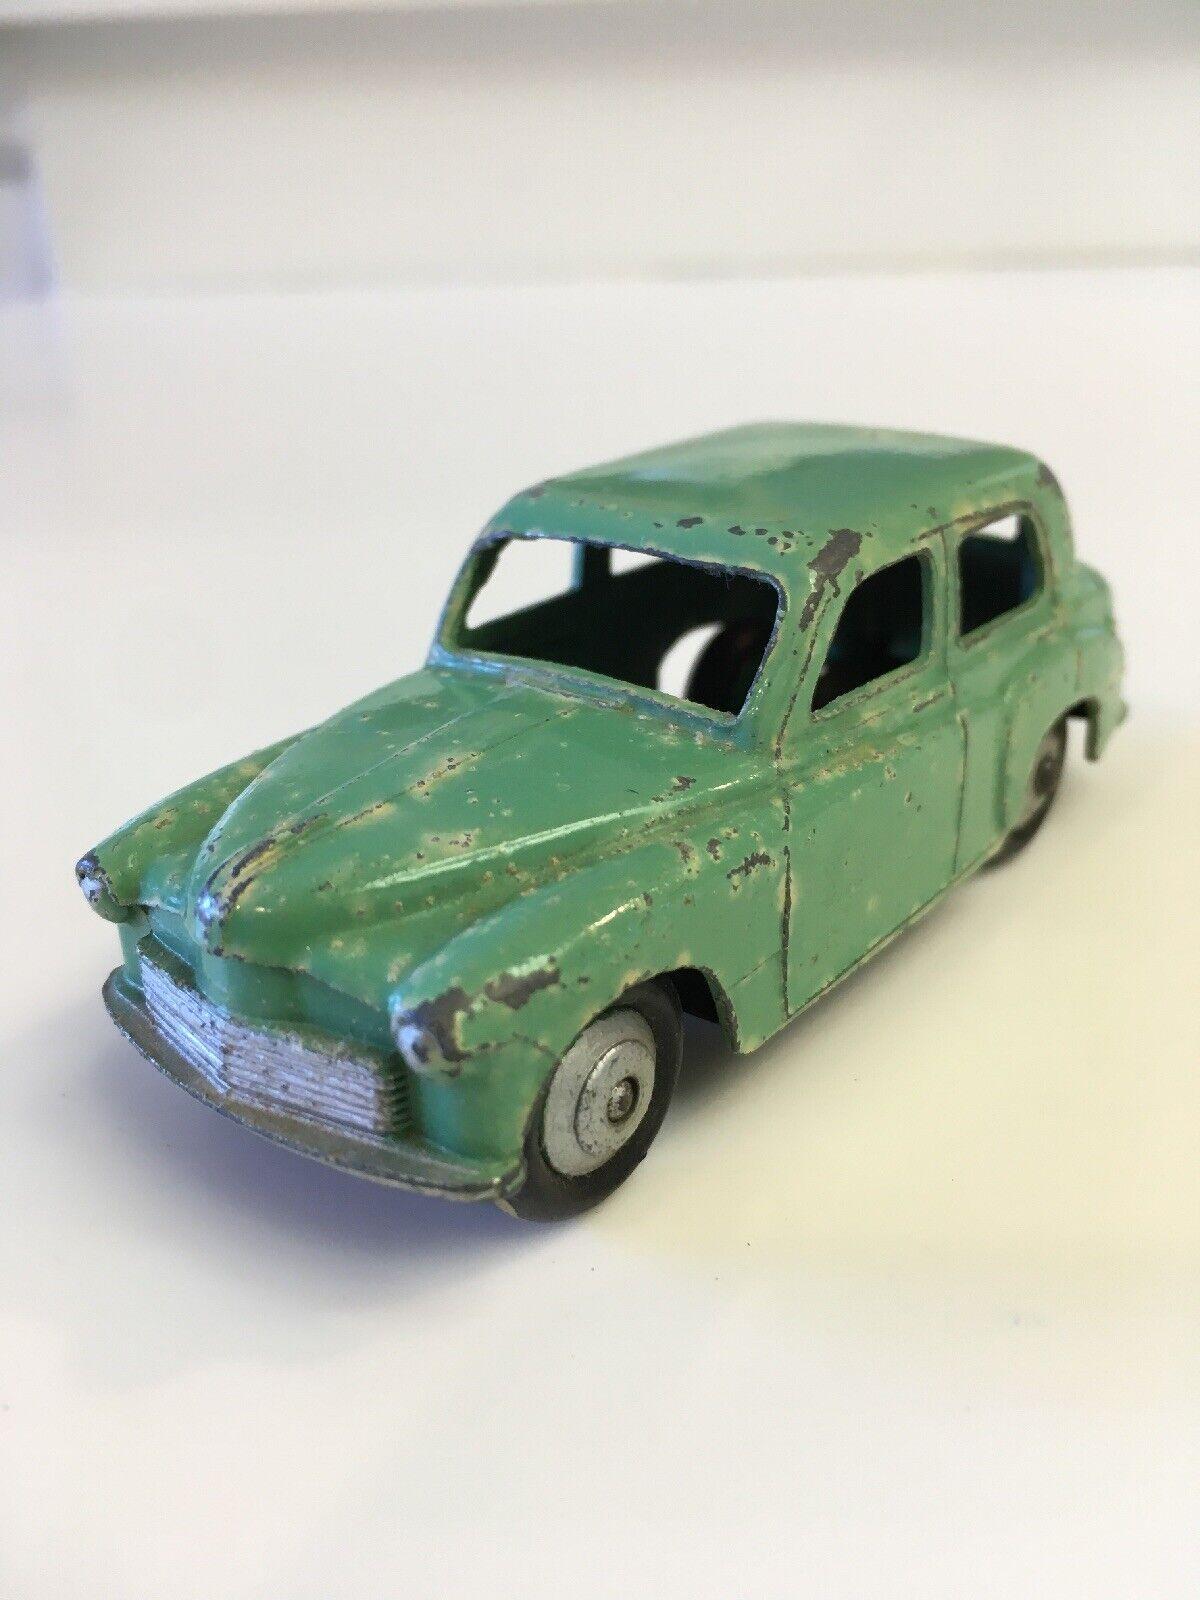 Todo en alta calidad y bajo precio. Dinky Juguetes Juguetes Juguetes Meccano Hillman Minx No.40F 1951 Luz verde Hecho en Reino Unido  mejor calidad